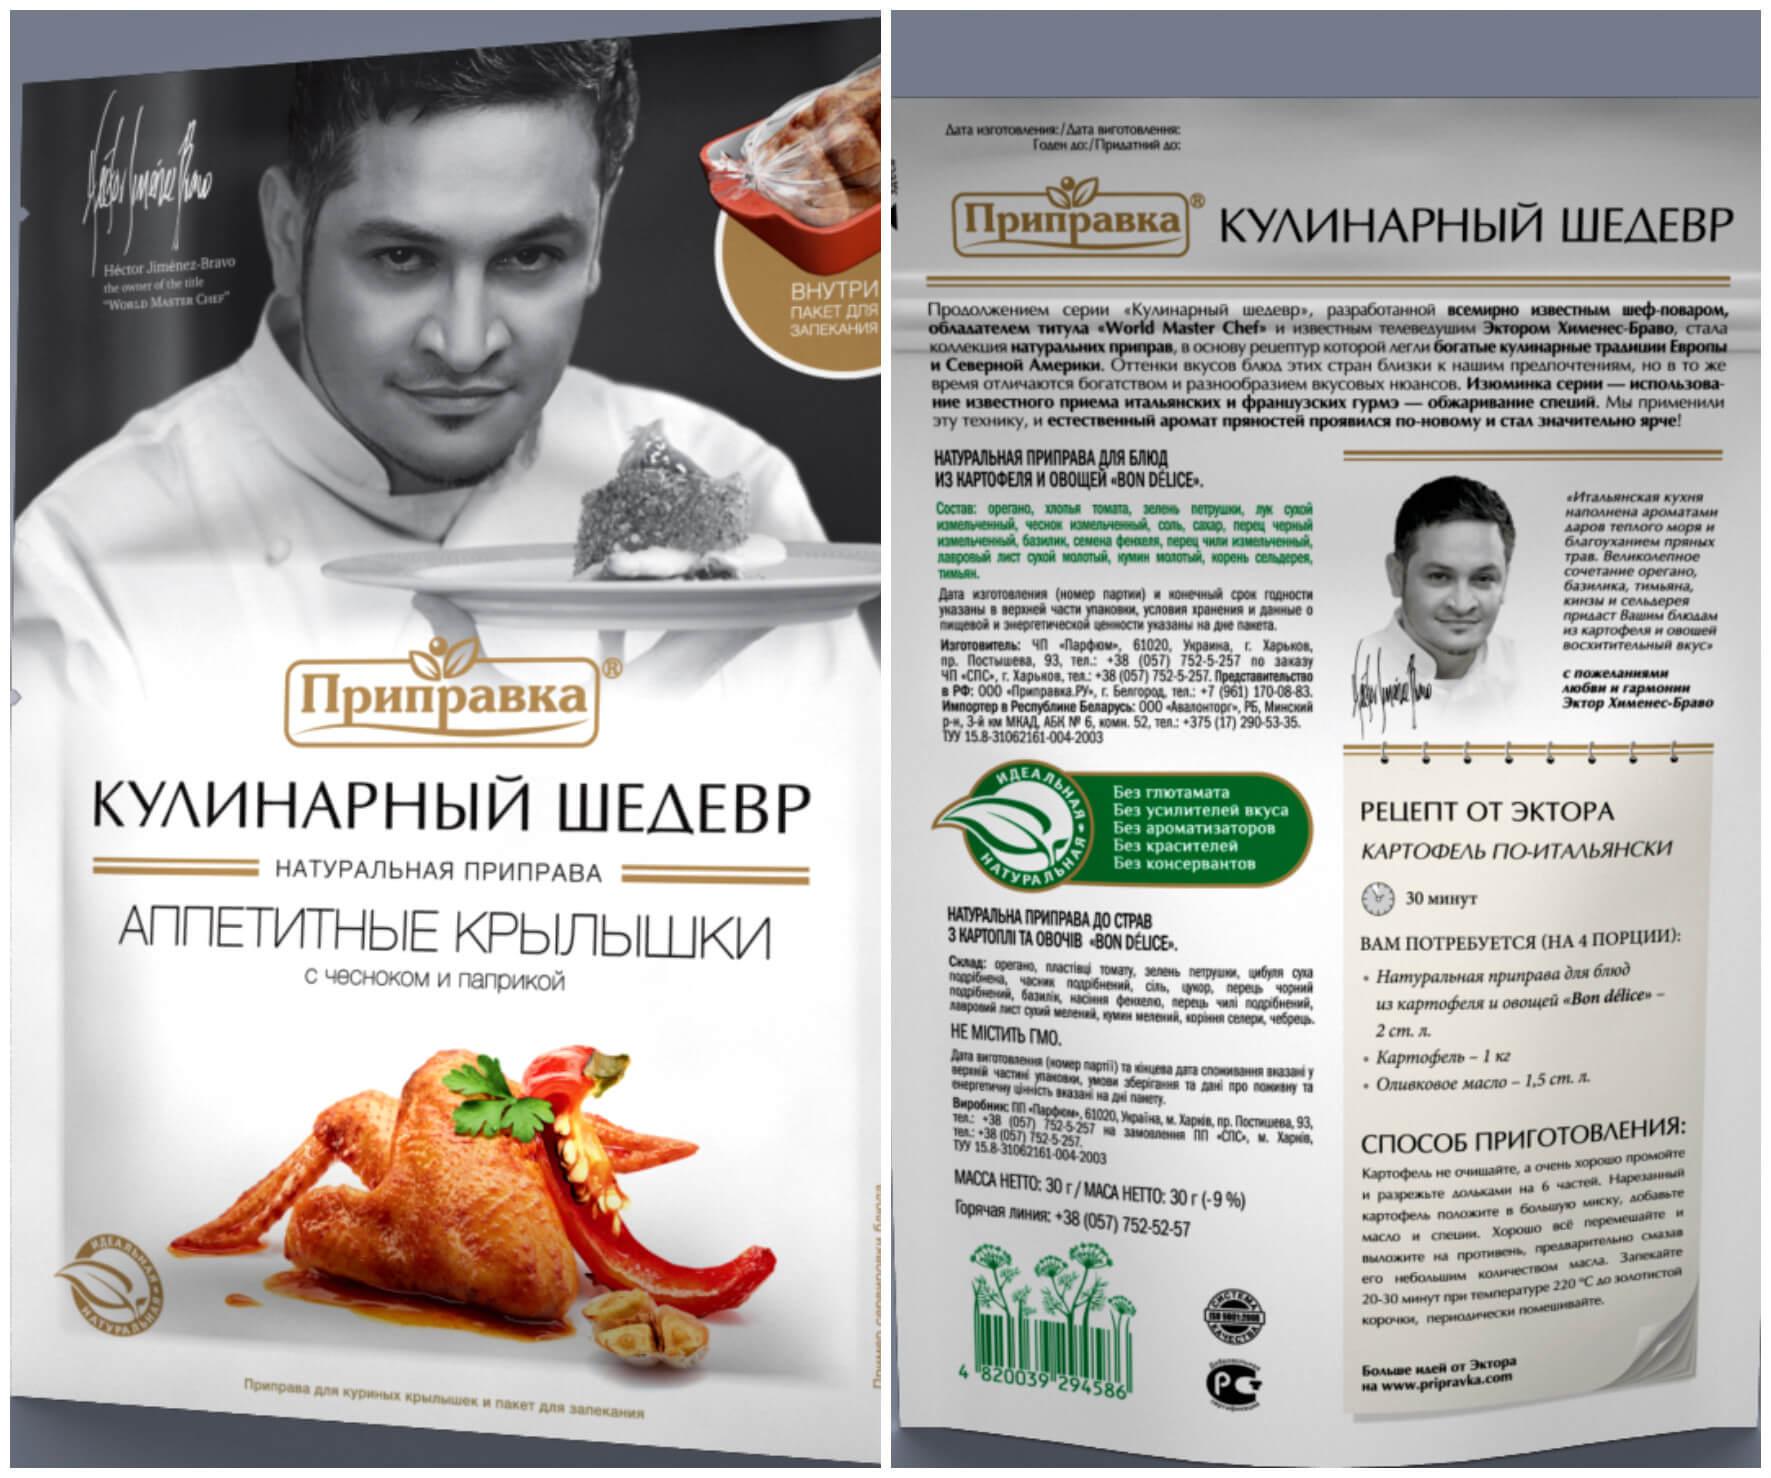 Рецепты блюд от эктора браво